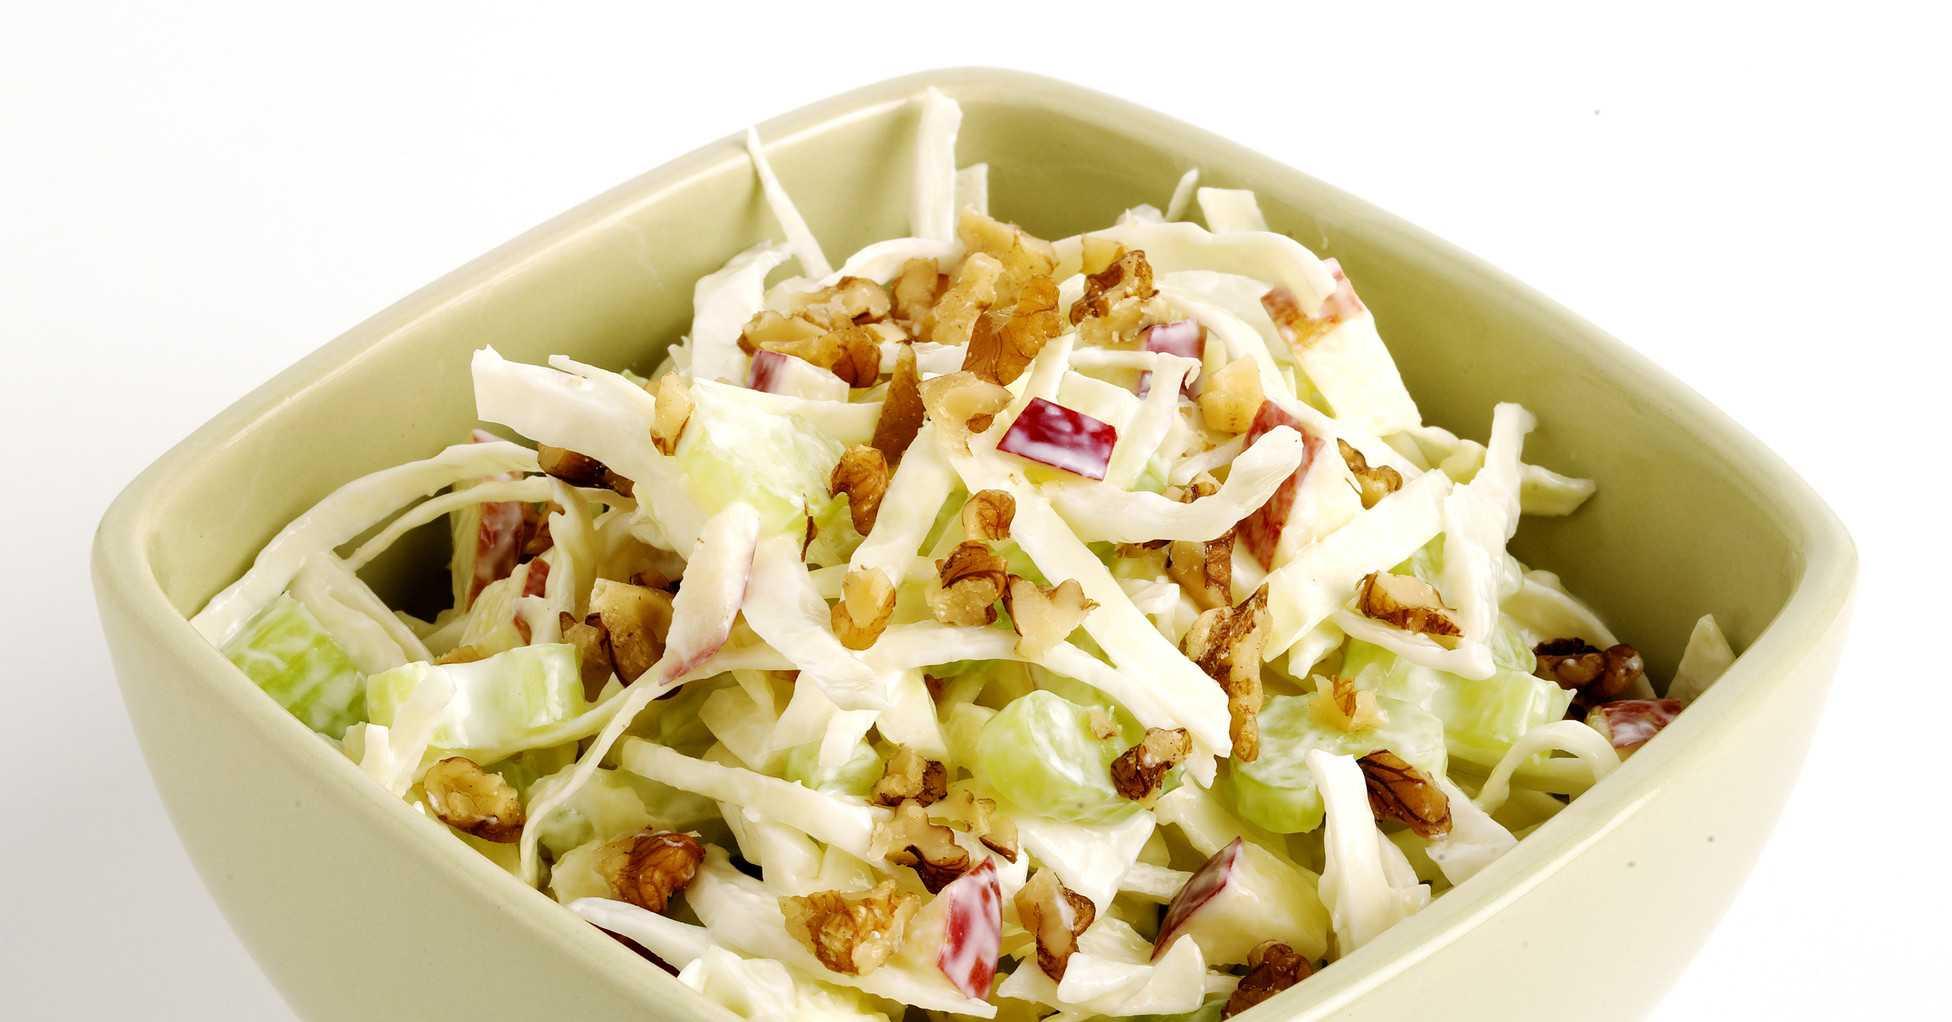 Вкусный и сытный салат со свеклой и грецкими орехами